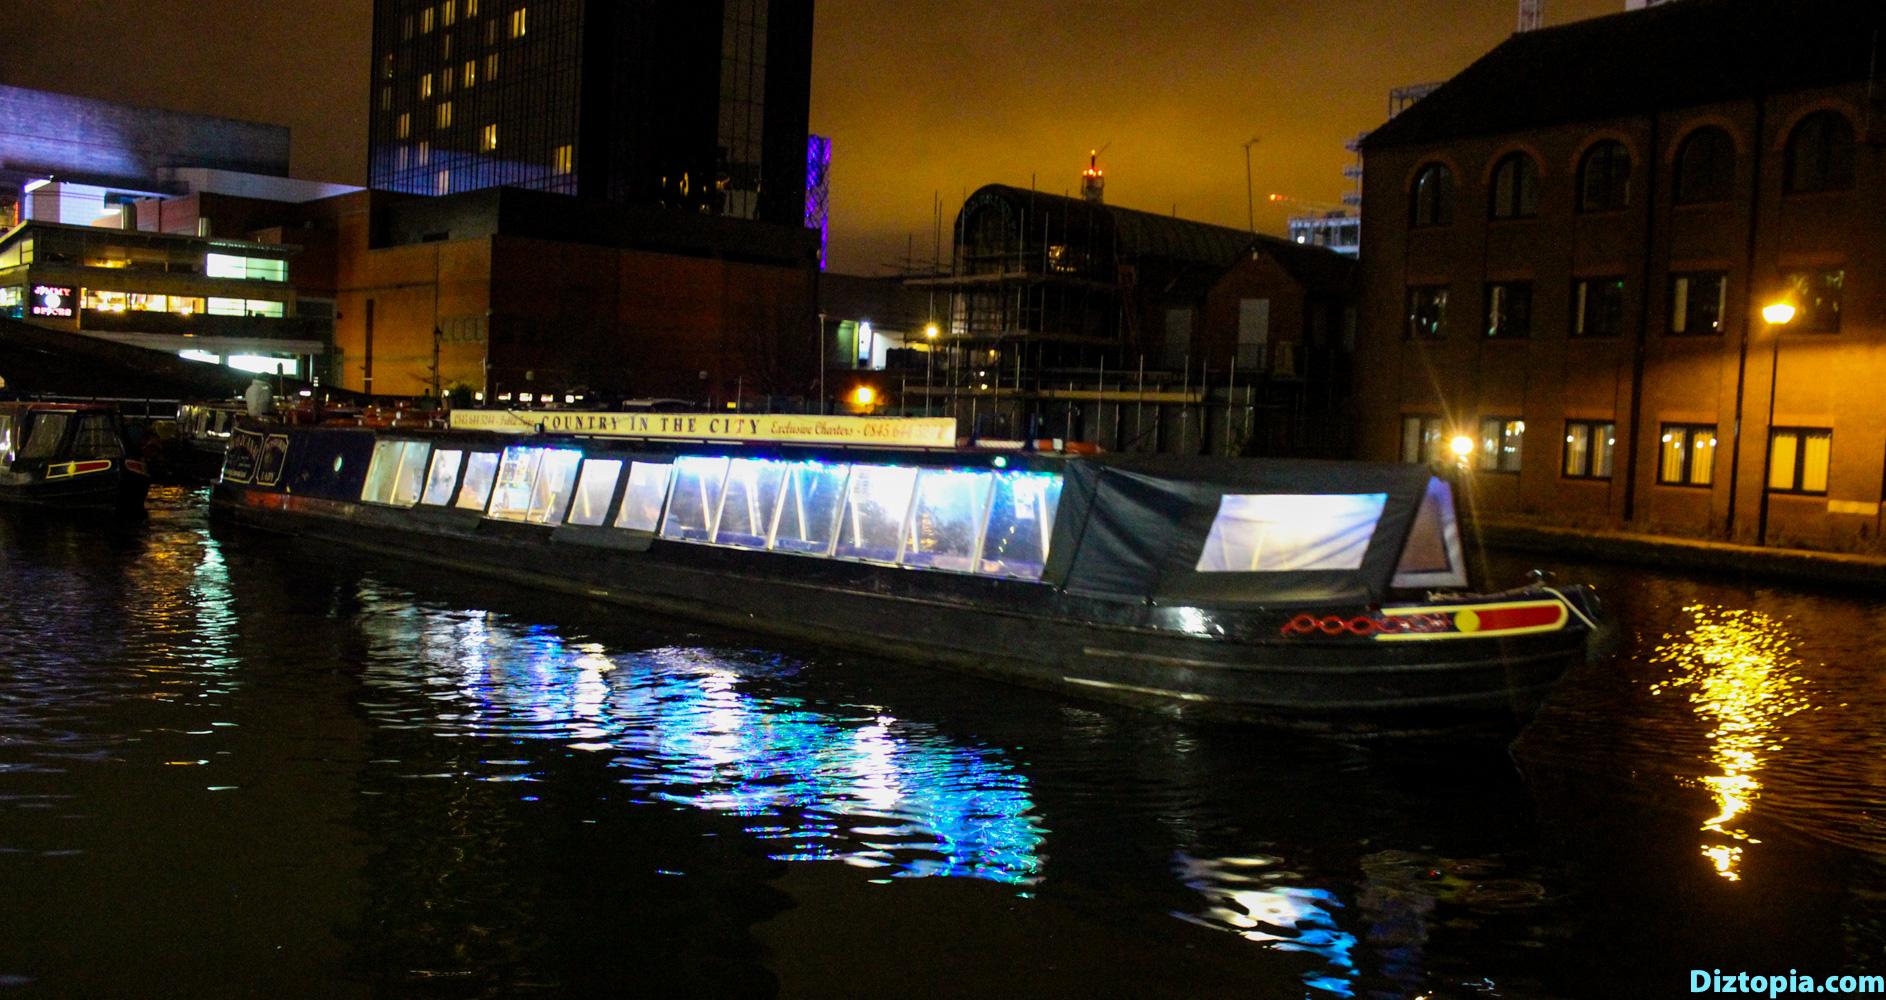 Birmingham-Canal-City-Diztopia-Photography-Night-Dizma-Dahl-China-Town-UK-Blog-27